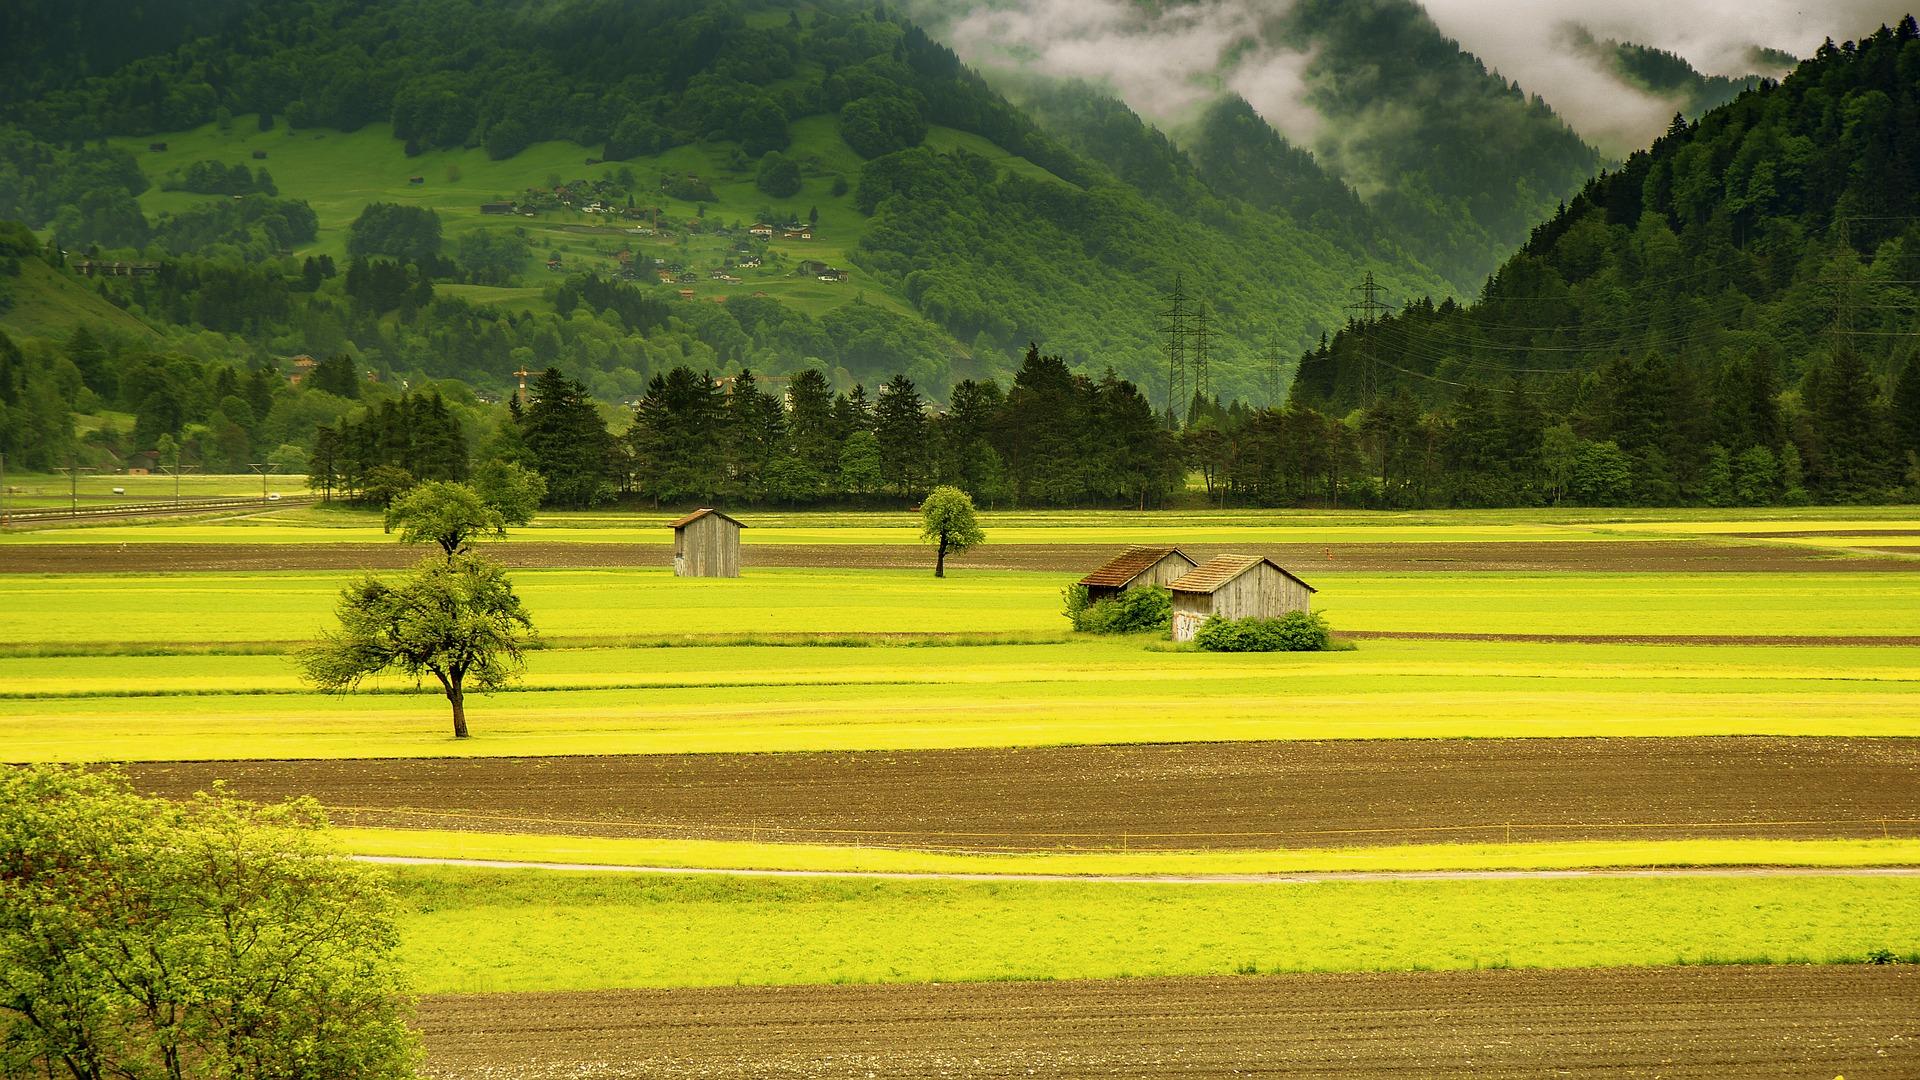 landscape-176602_1920